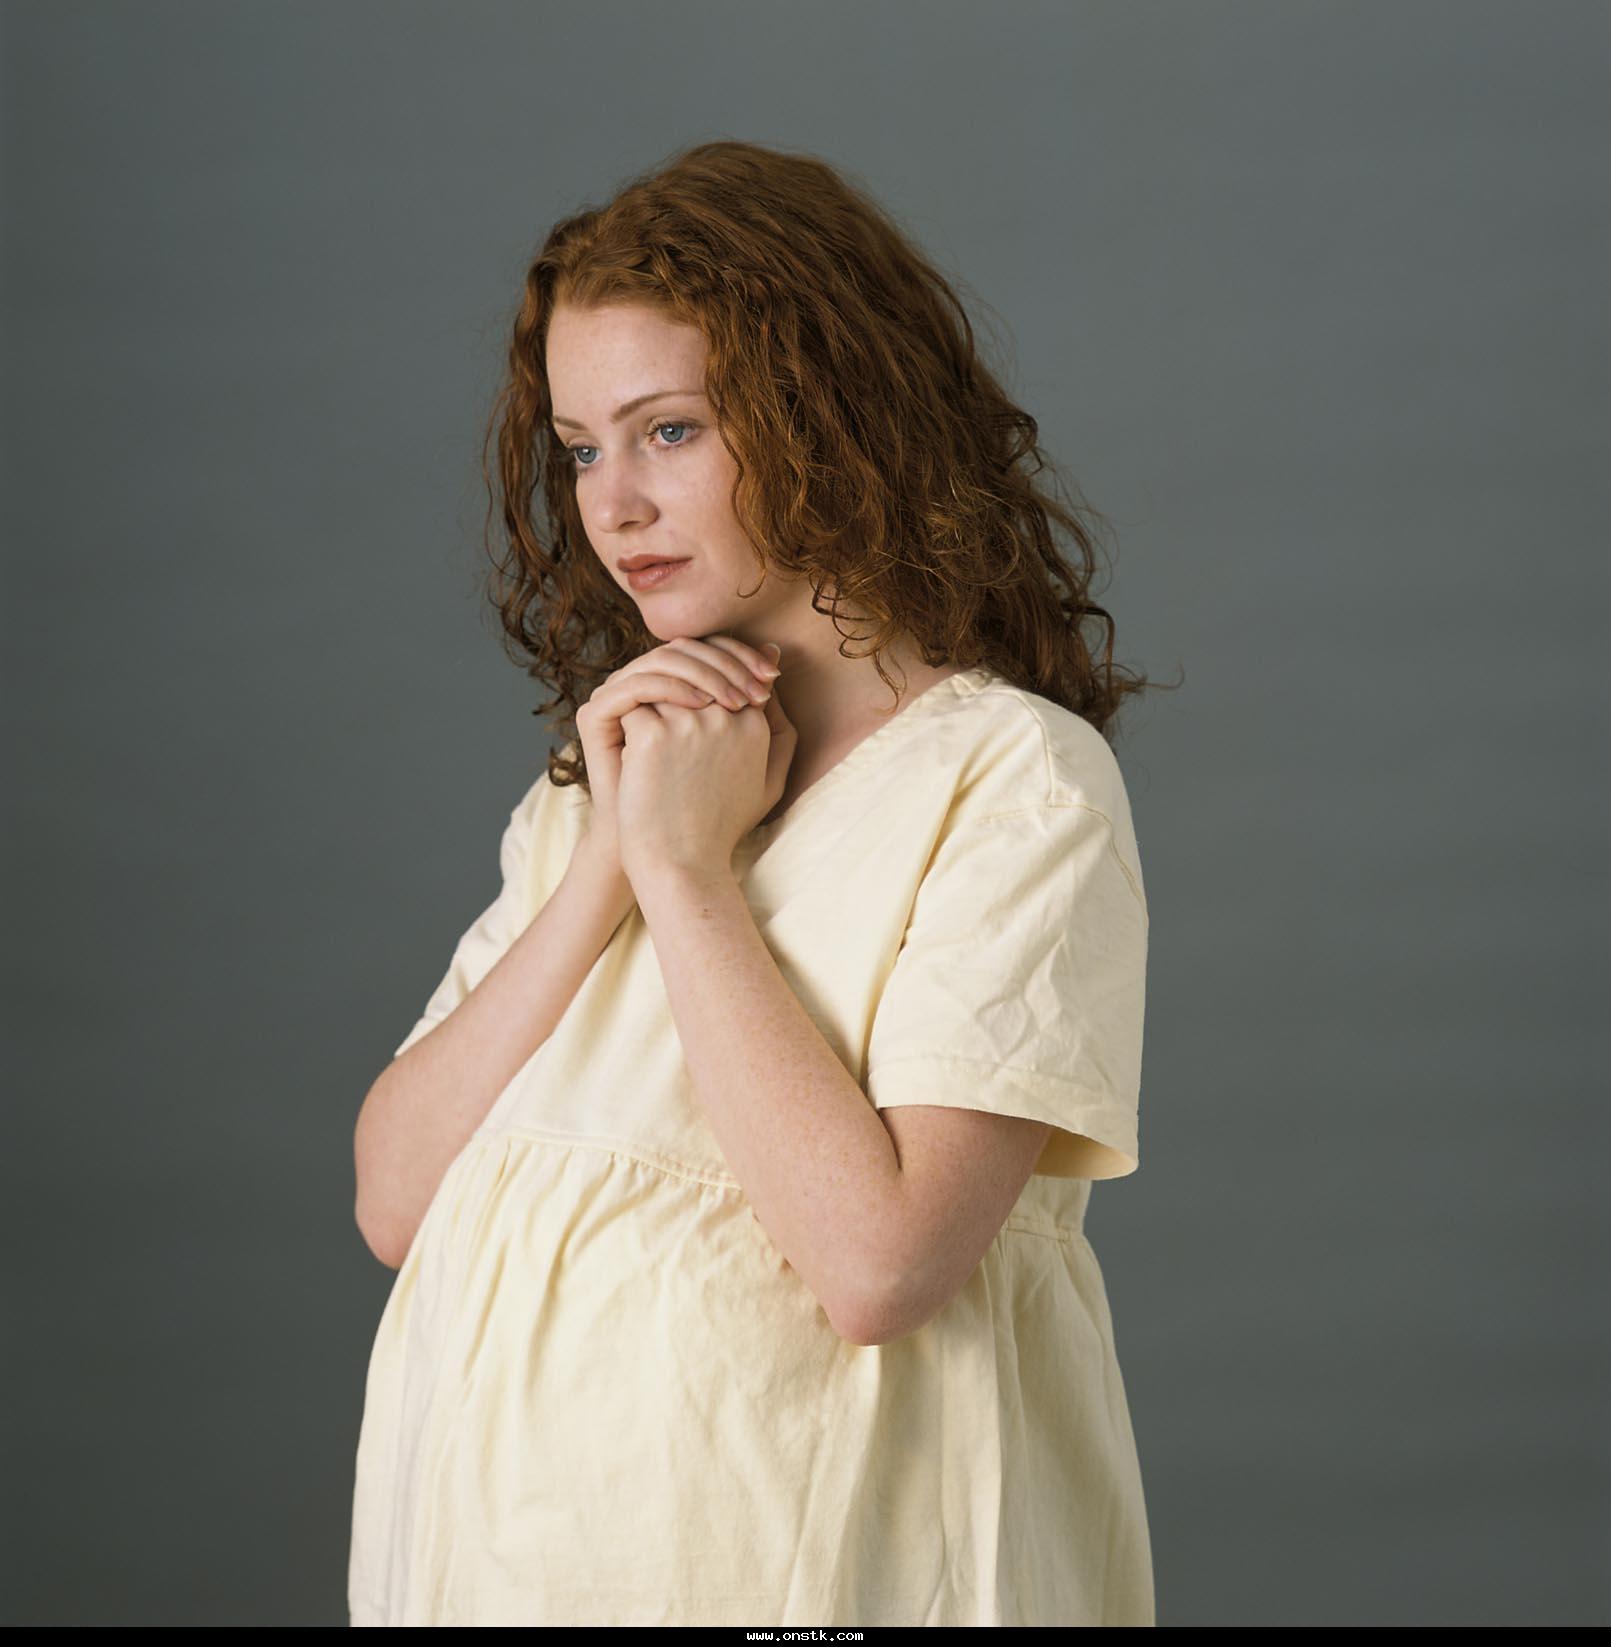 صورة خلطة لتسهيل الولادة وفتح الرحم , طريقه جميله لتسهيل الولاده